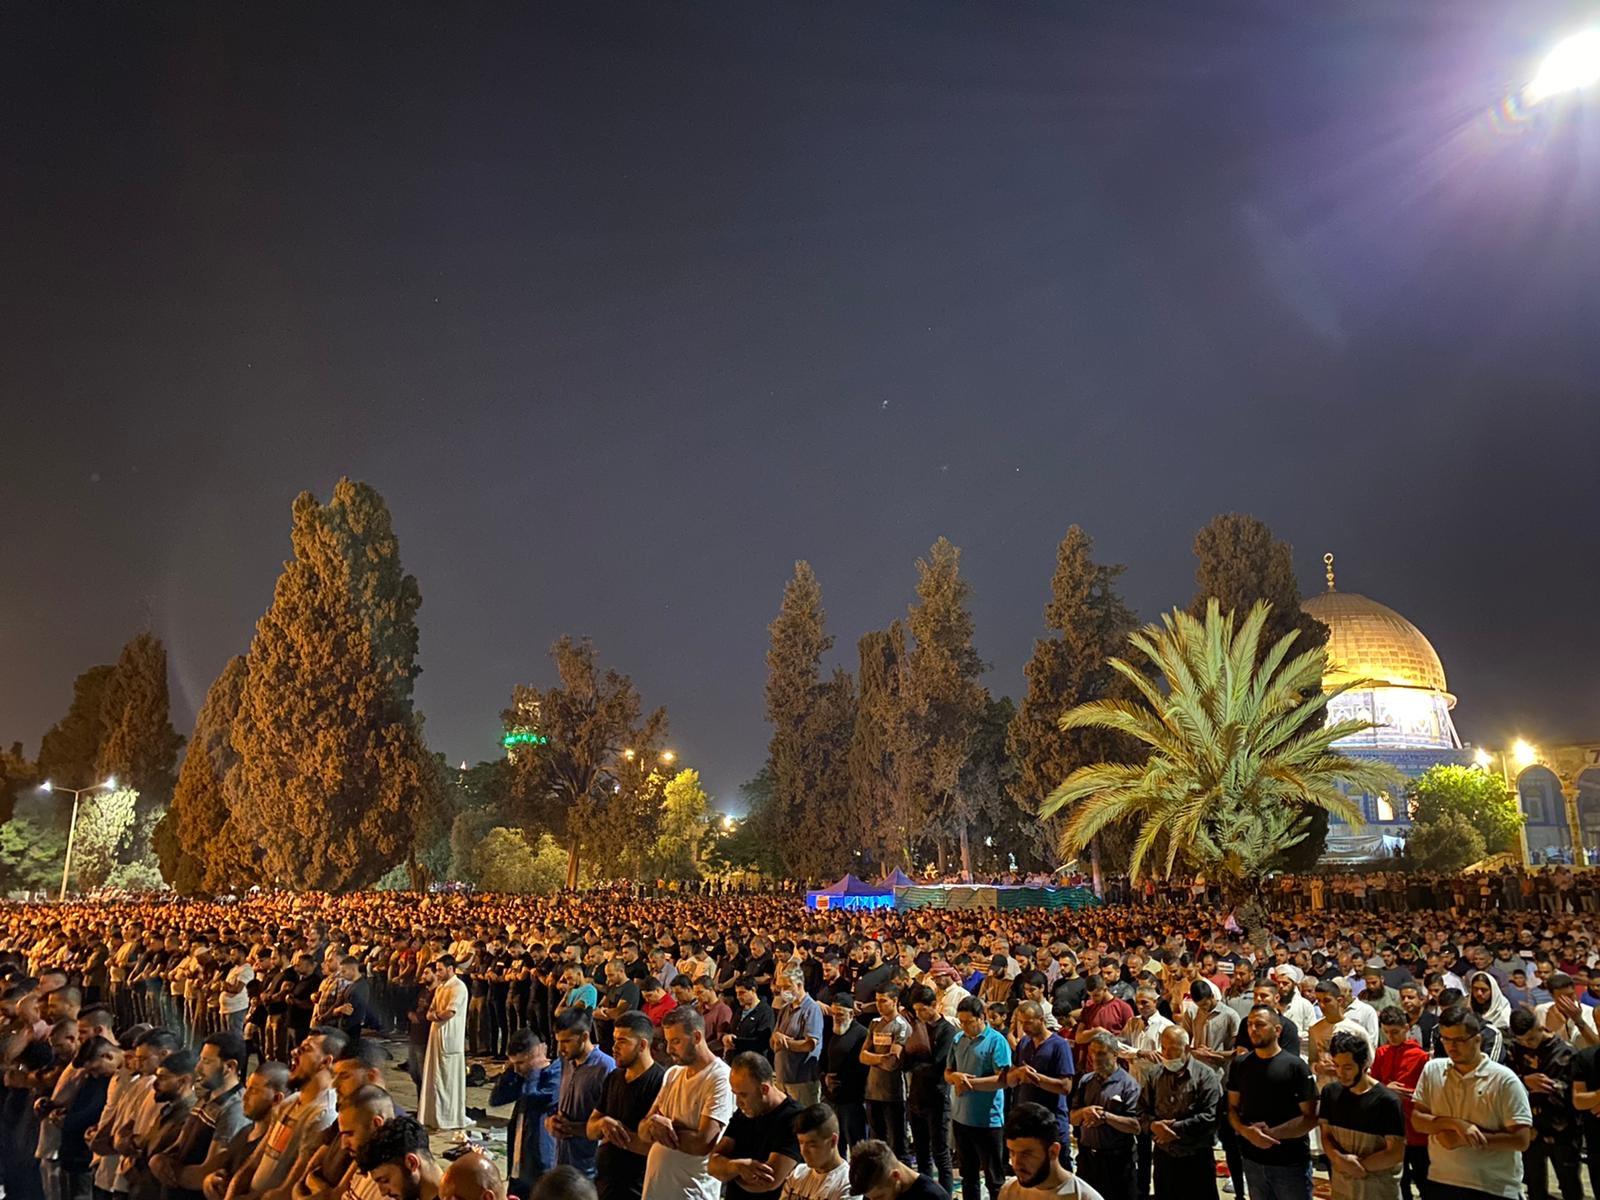 al-aqsa-pic-27th-night-8-5-2021